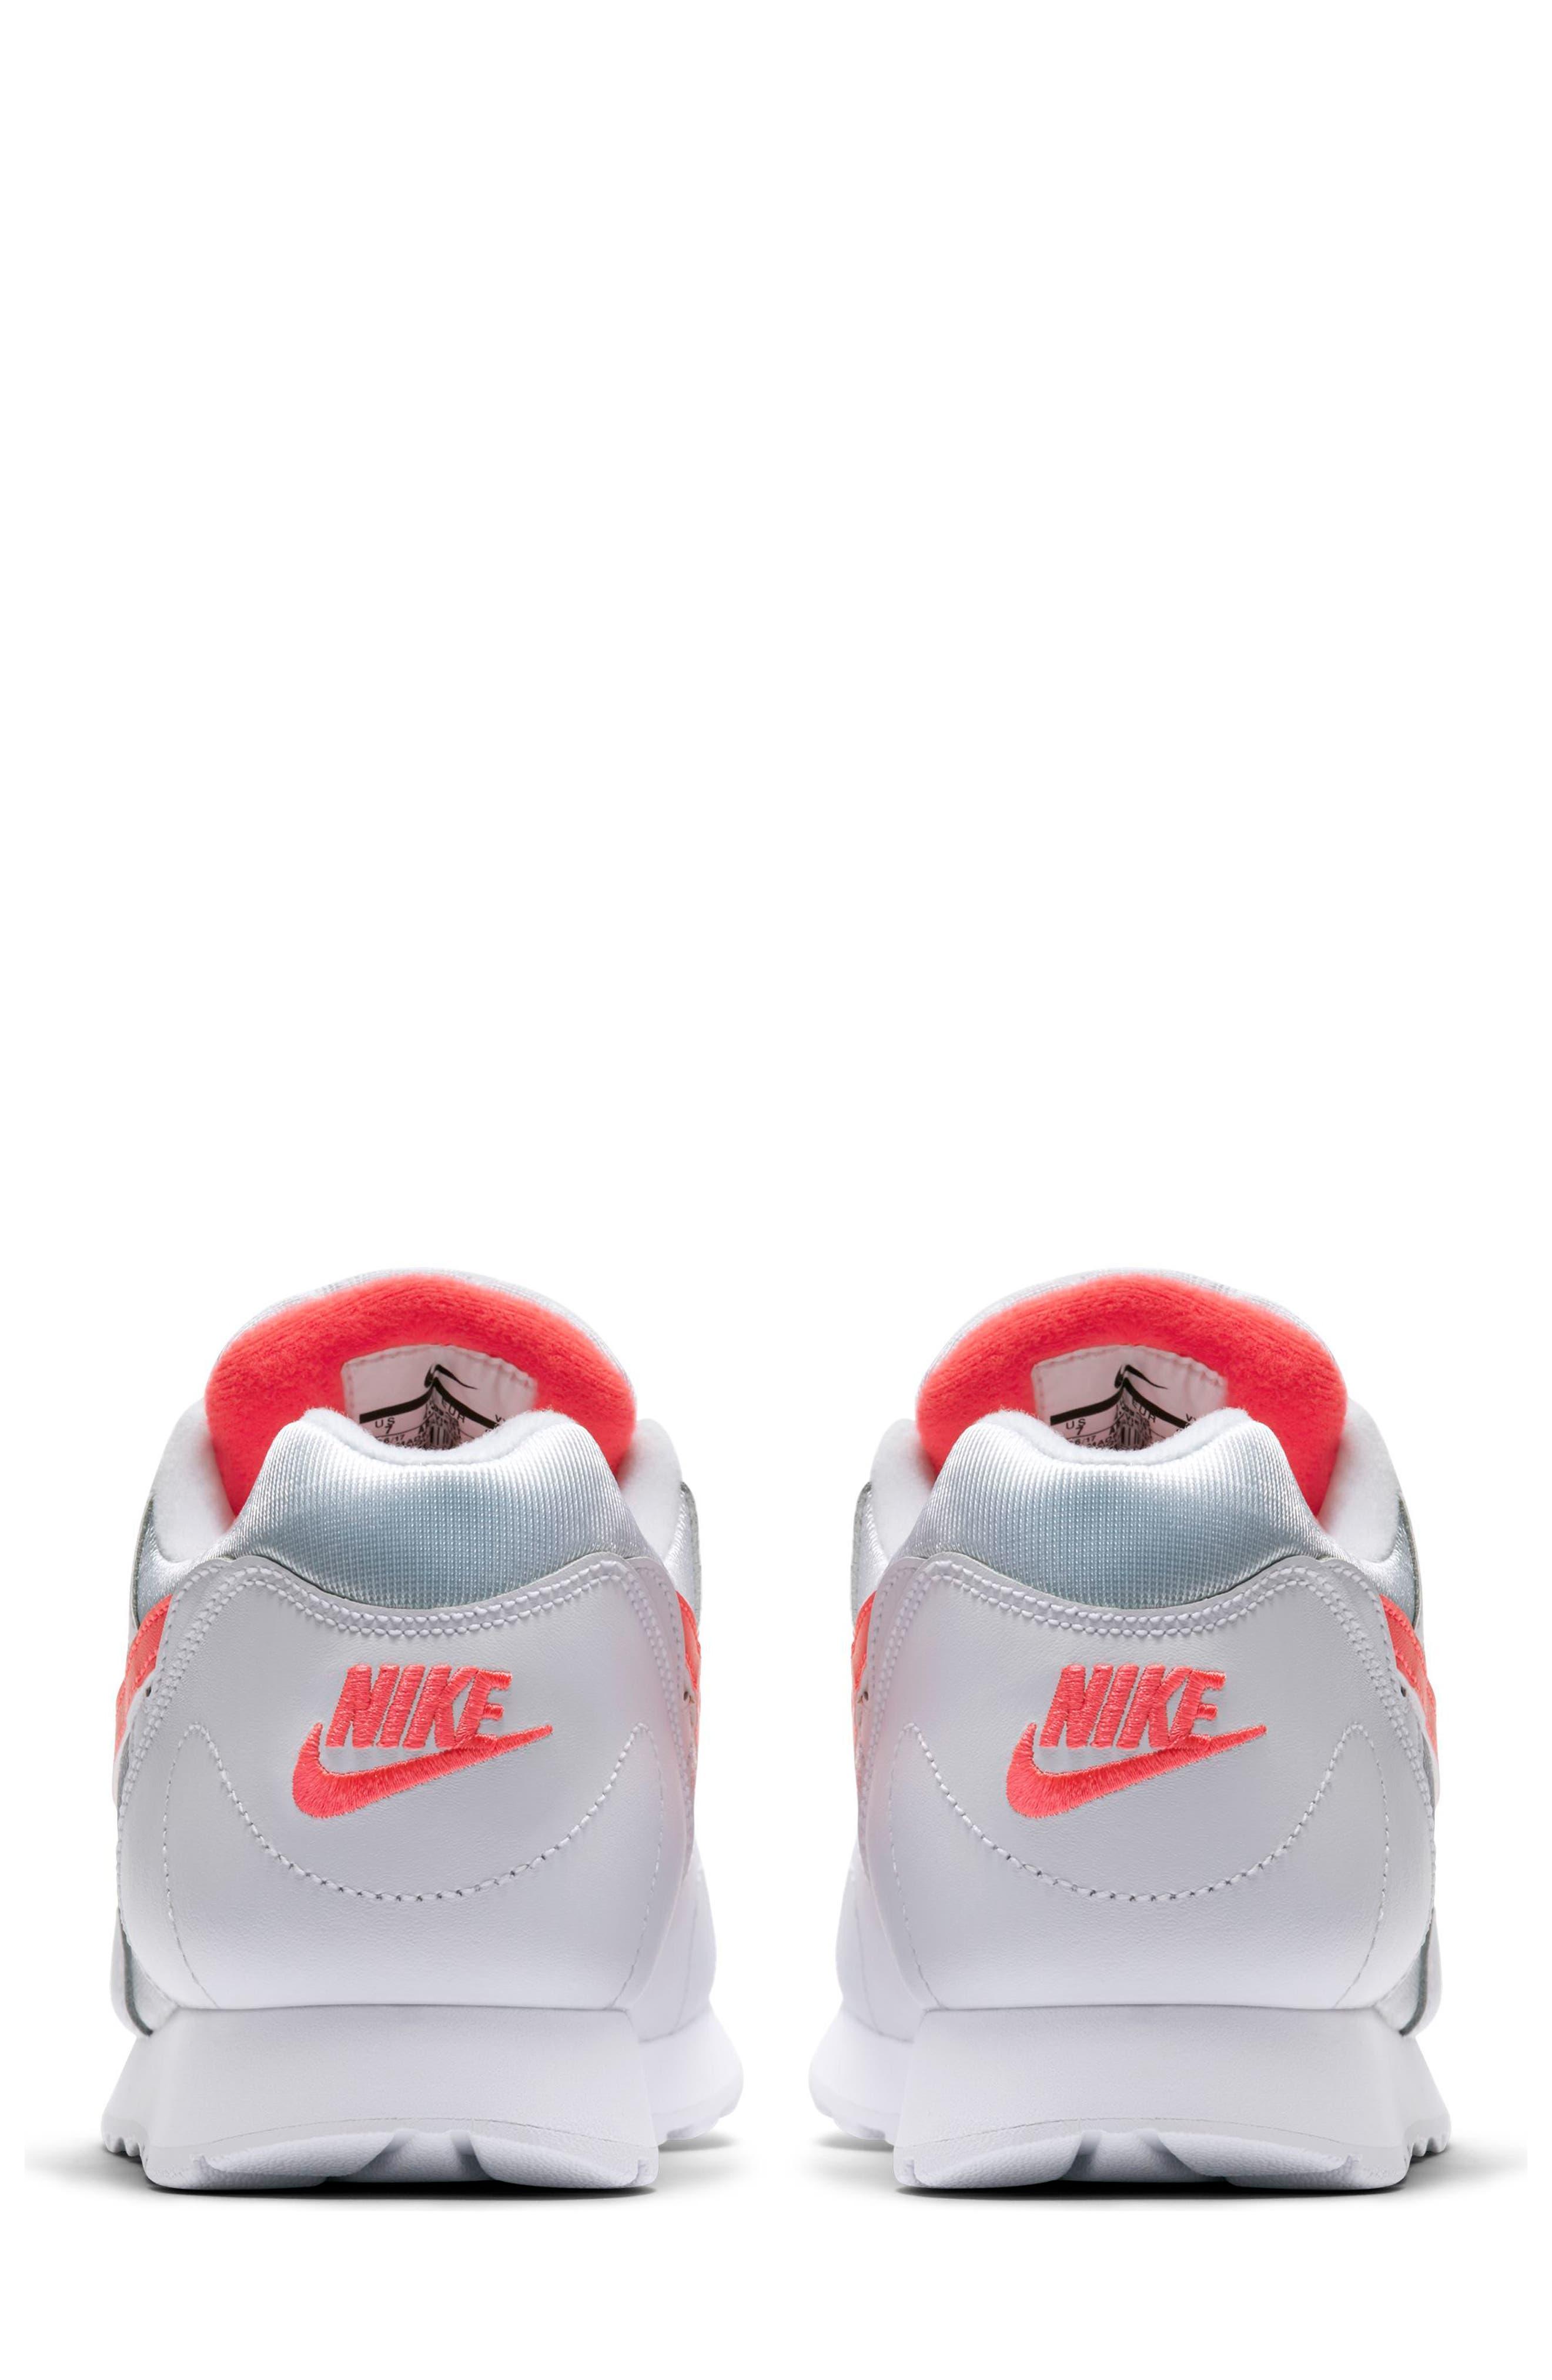 Outburst OG Sneaker,                             Alternate thumbnail 2, color,                             101